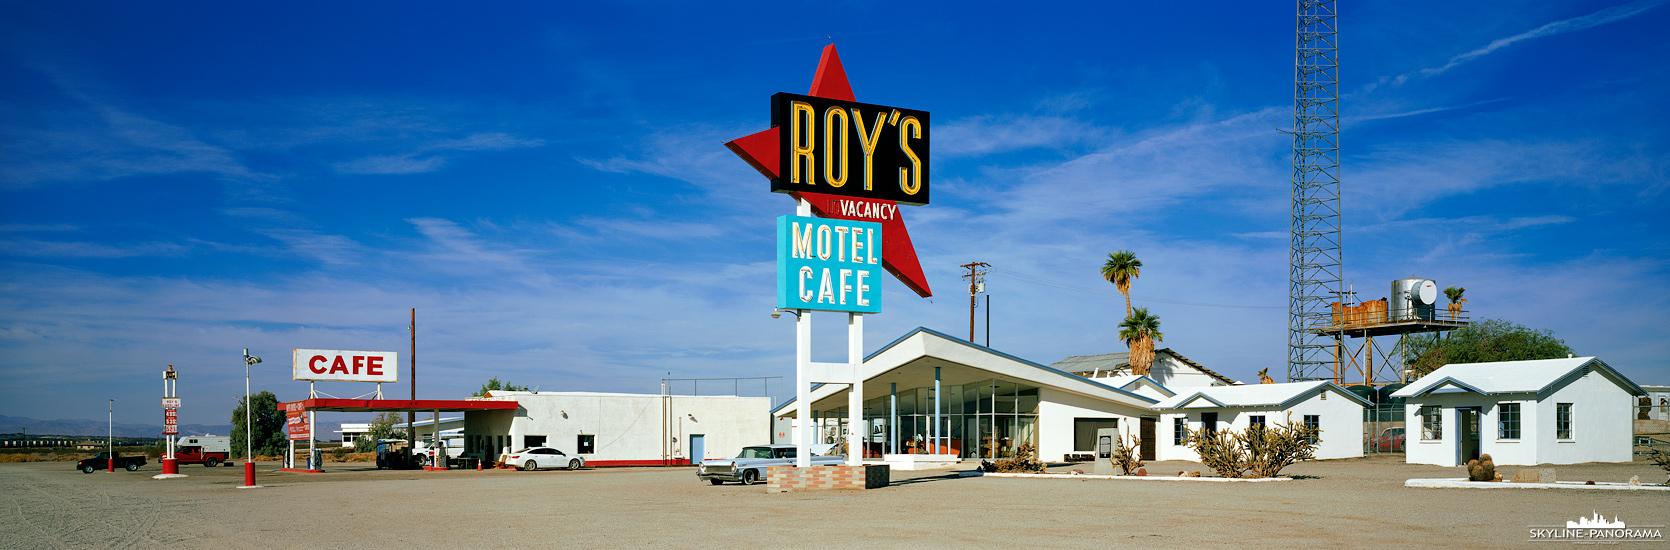 Roy's Motel & Café als Panorama - Eines der bekanntesten Wahrzeichen an der historischen Route 66 ist das Roy's Neonschild in Amboy. Kaum ein Tourist fährt an diesem beliebten Spot vorbei, ohne nicht mindestens ein Foto gemacht zu haben.